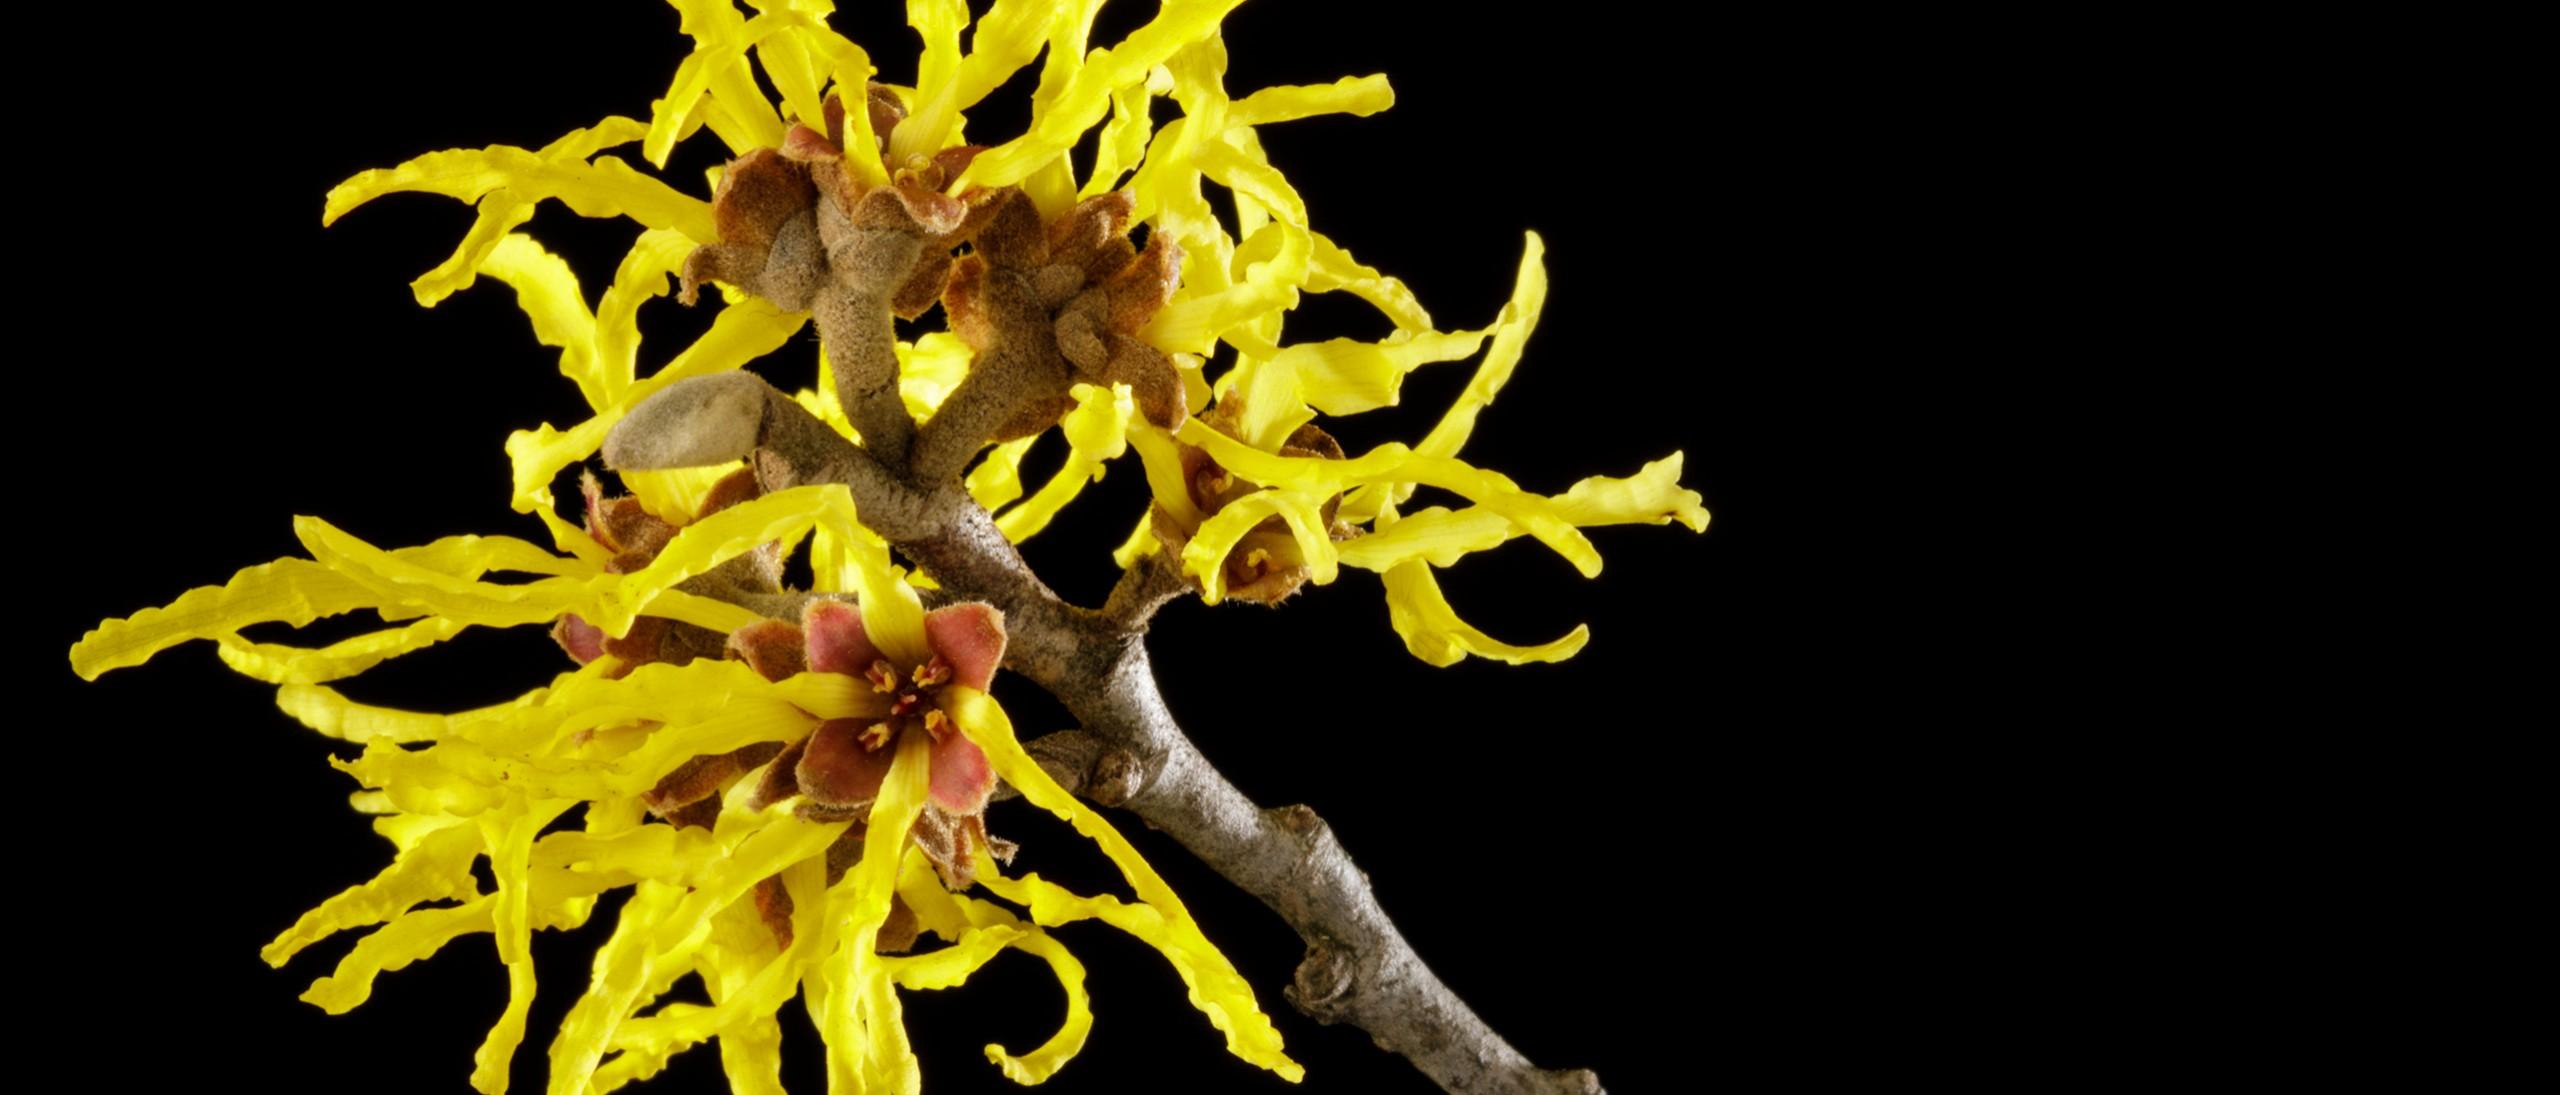 Witch Hazel yellow flower form